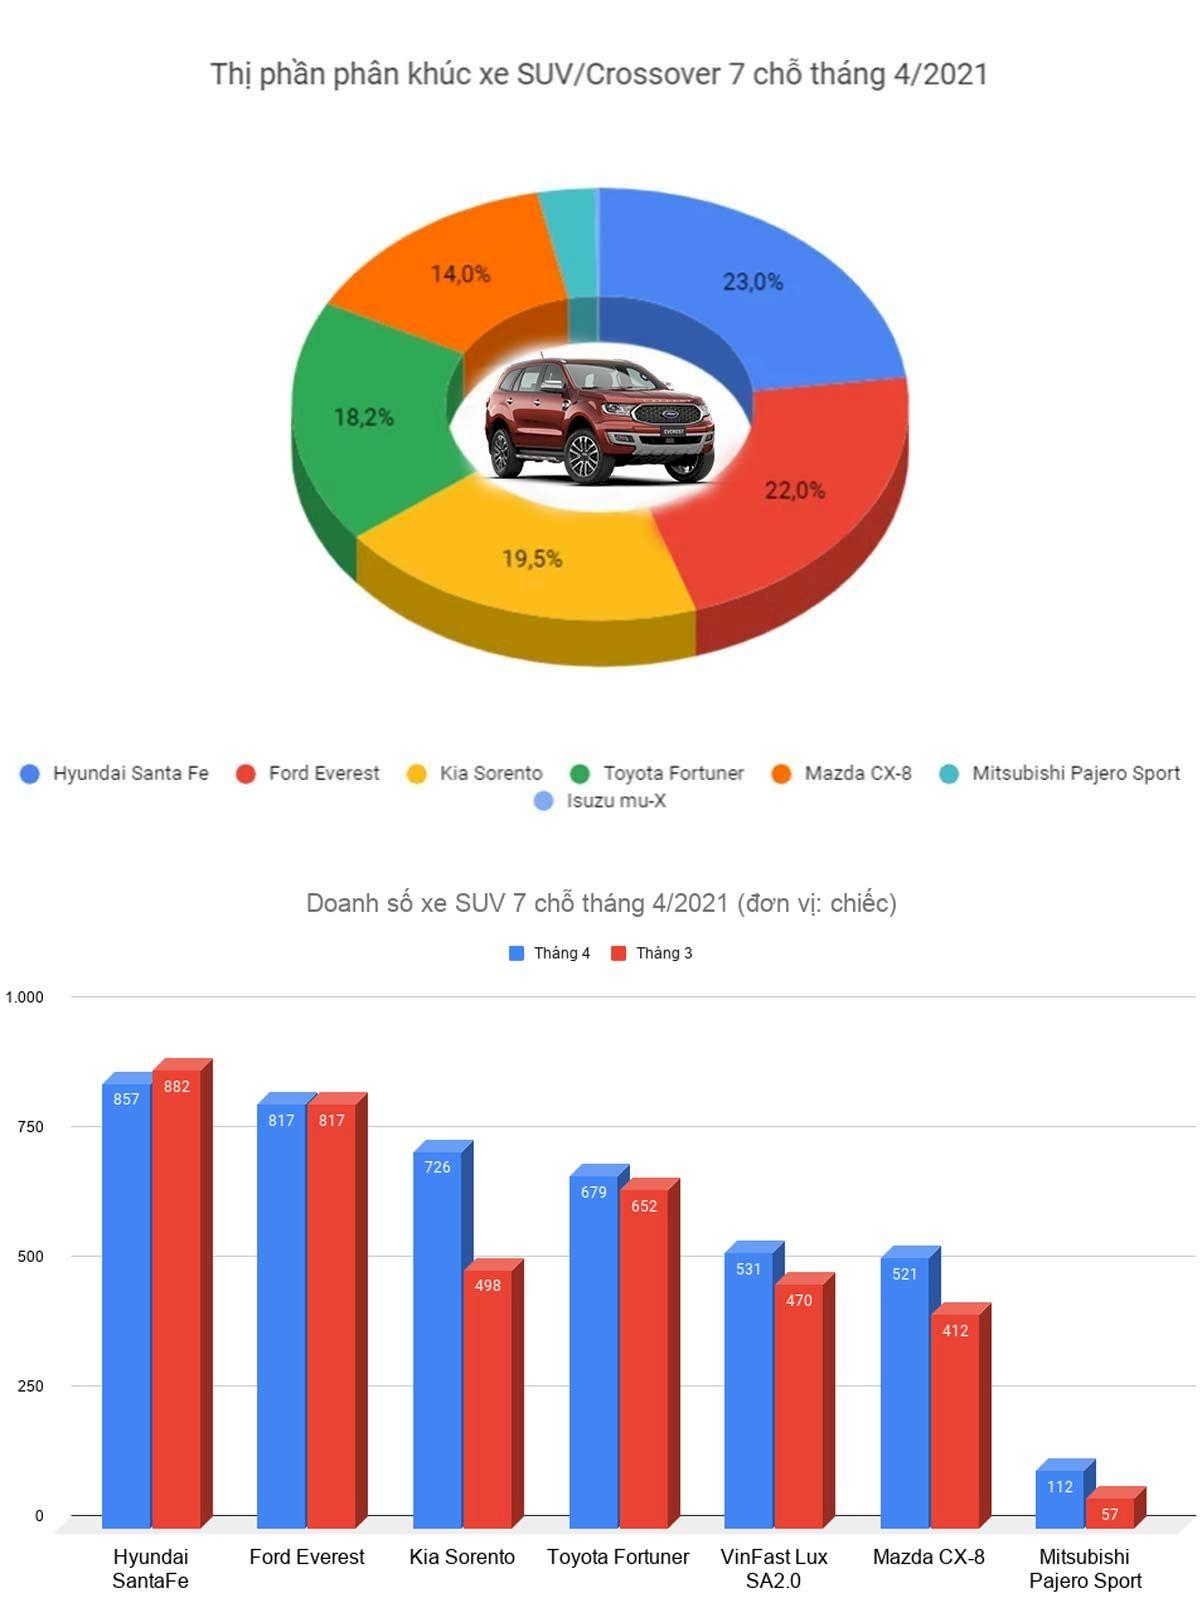 Ford Everest top 2 phân khúc SUV 7 chỗ tháng 4/2021 phả hơn nóng lên đối thủ Santafe